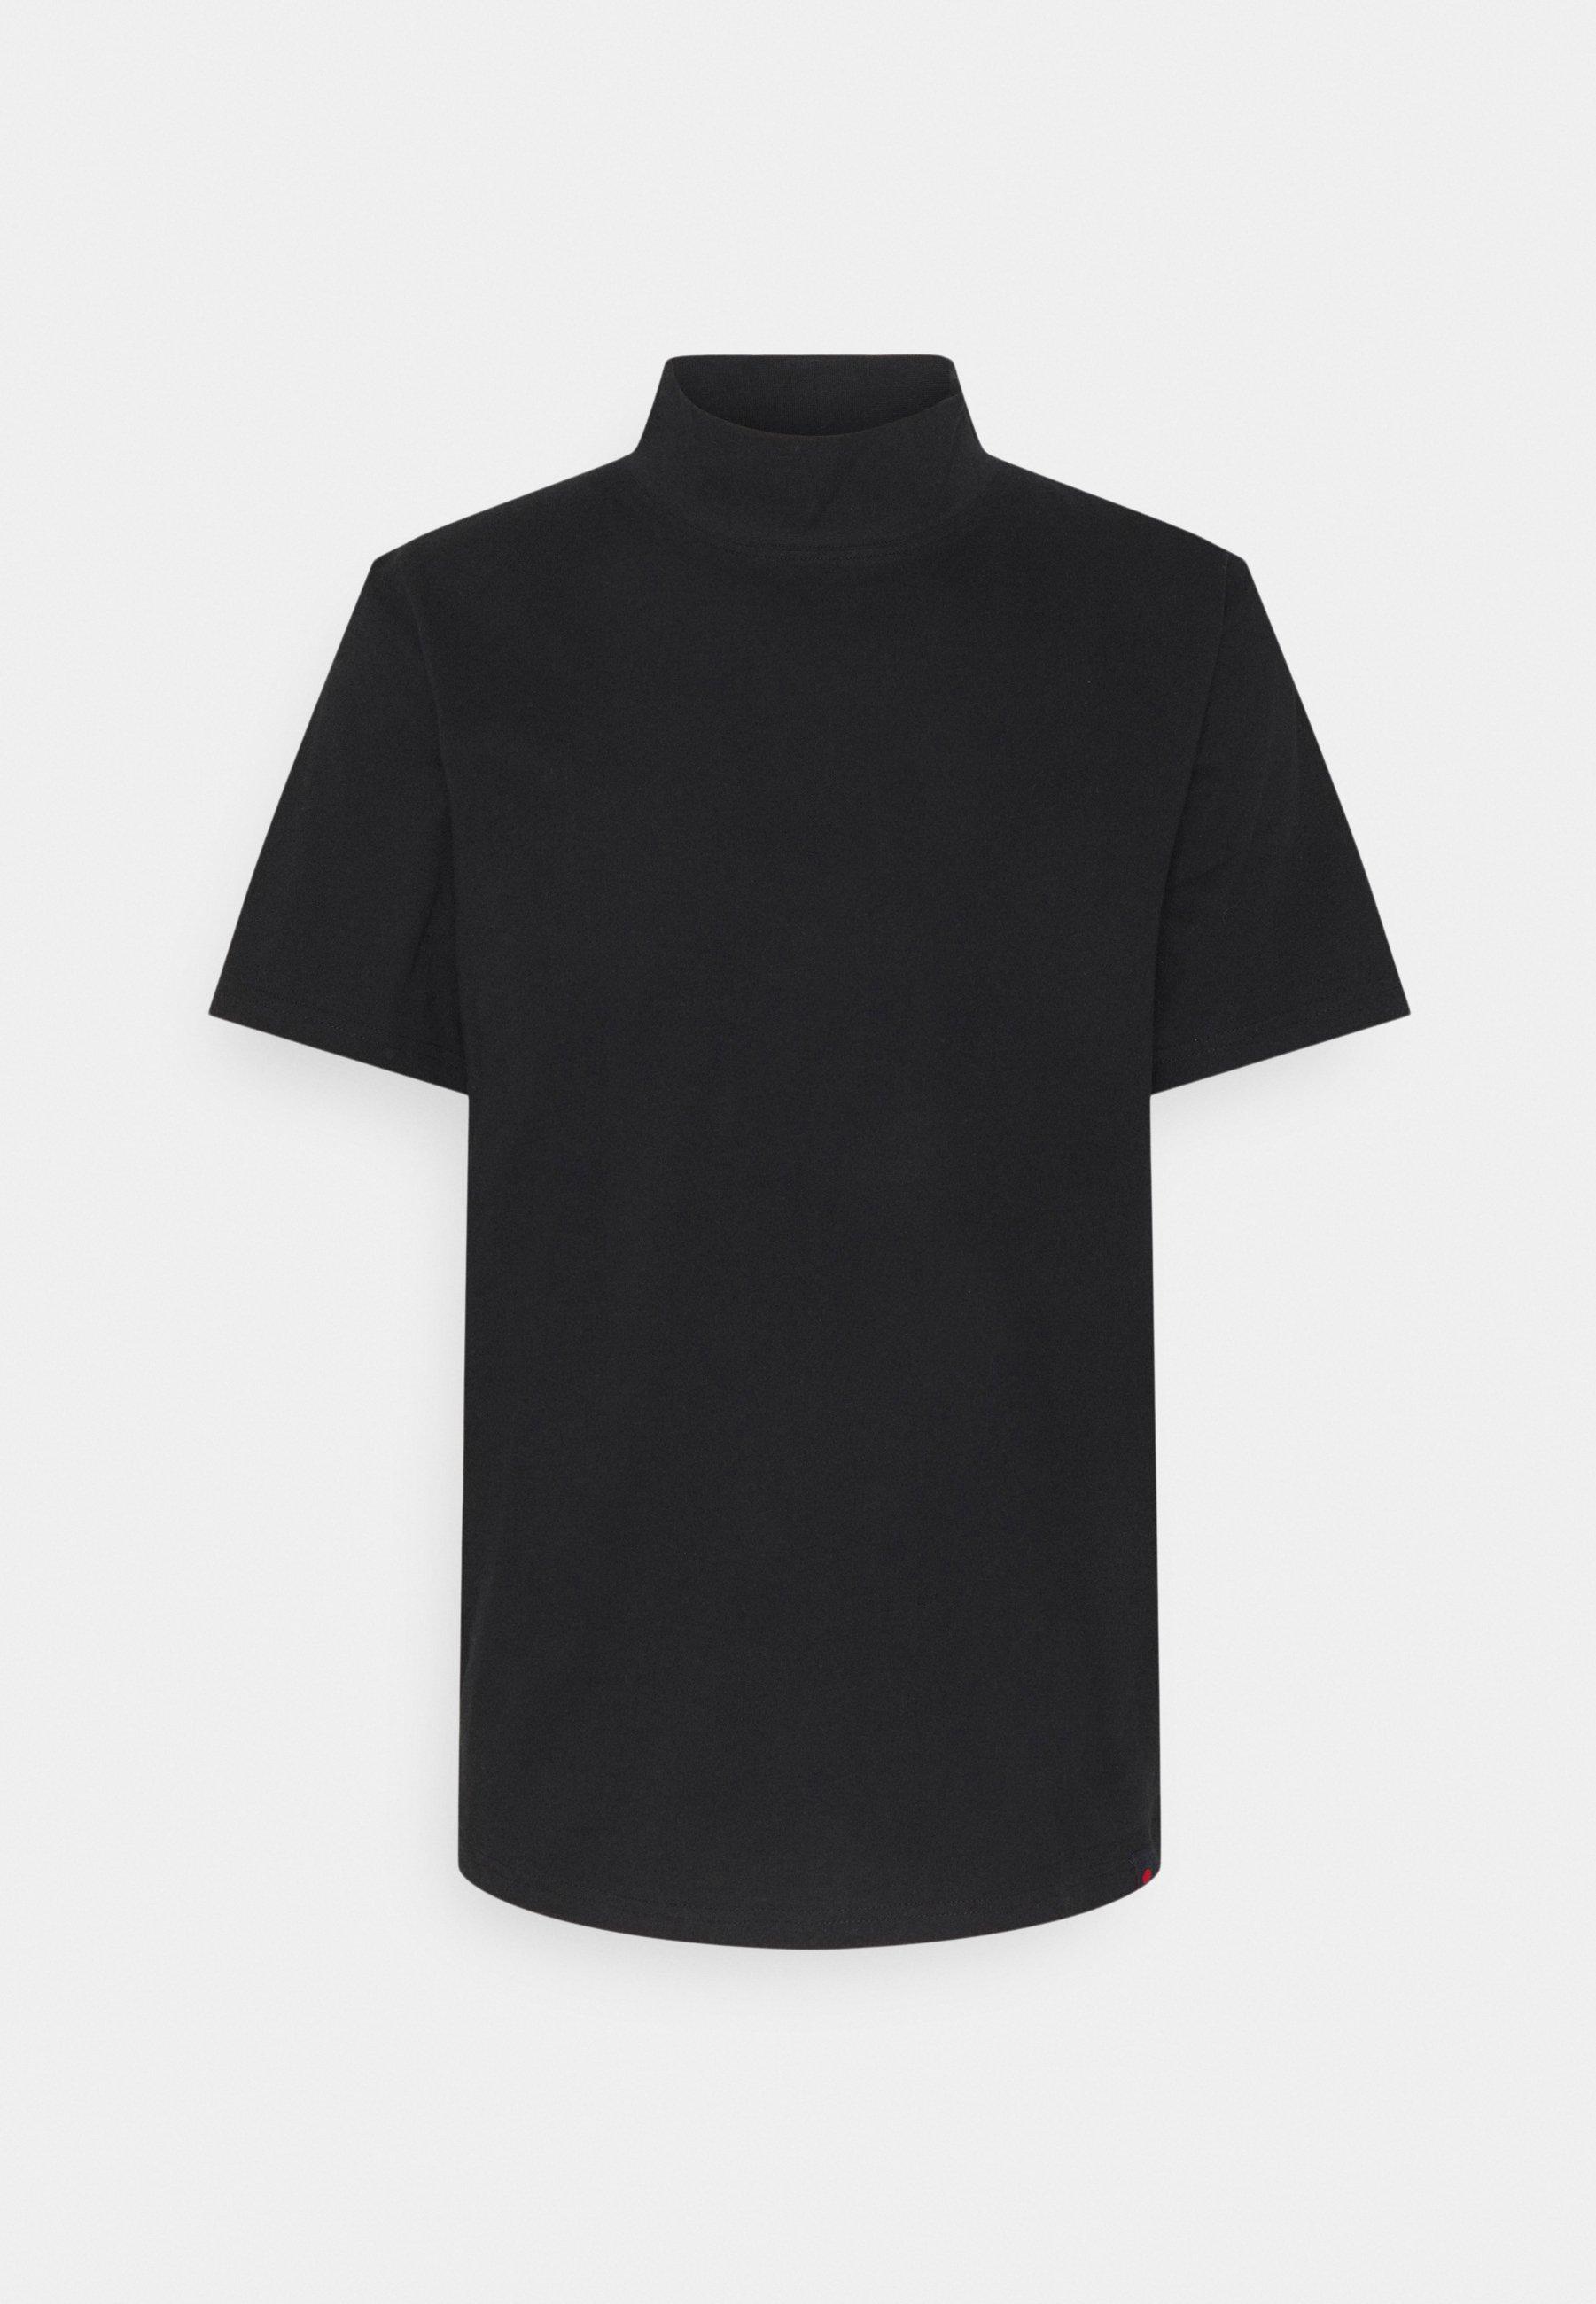 Homme HAKA HIGH NECK TEE - T-shirt basique